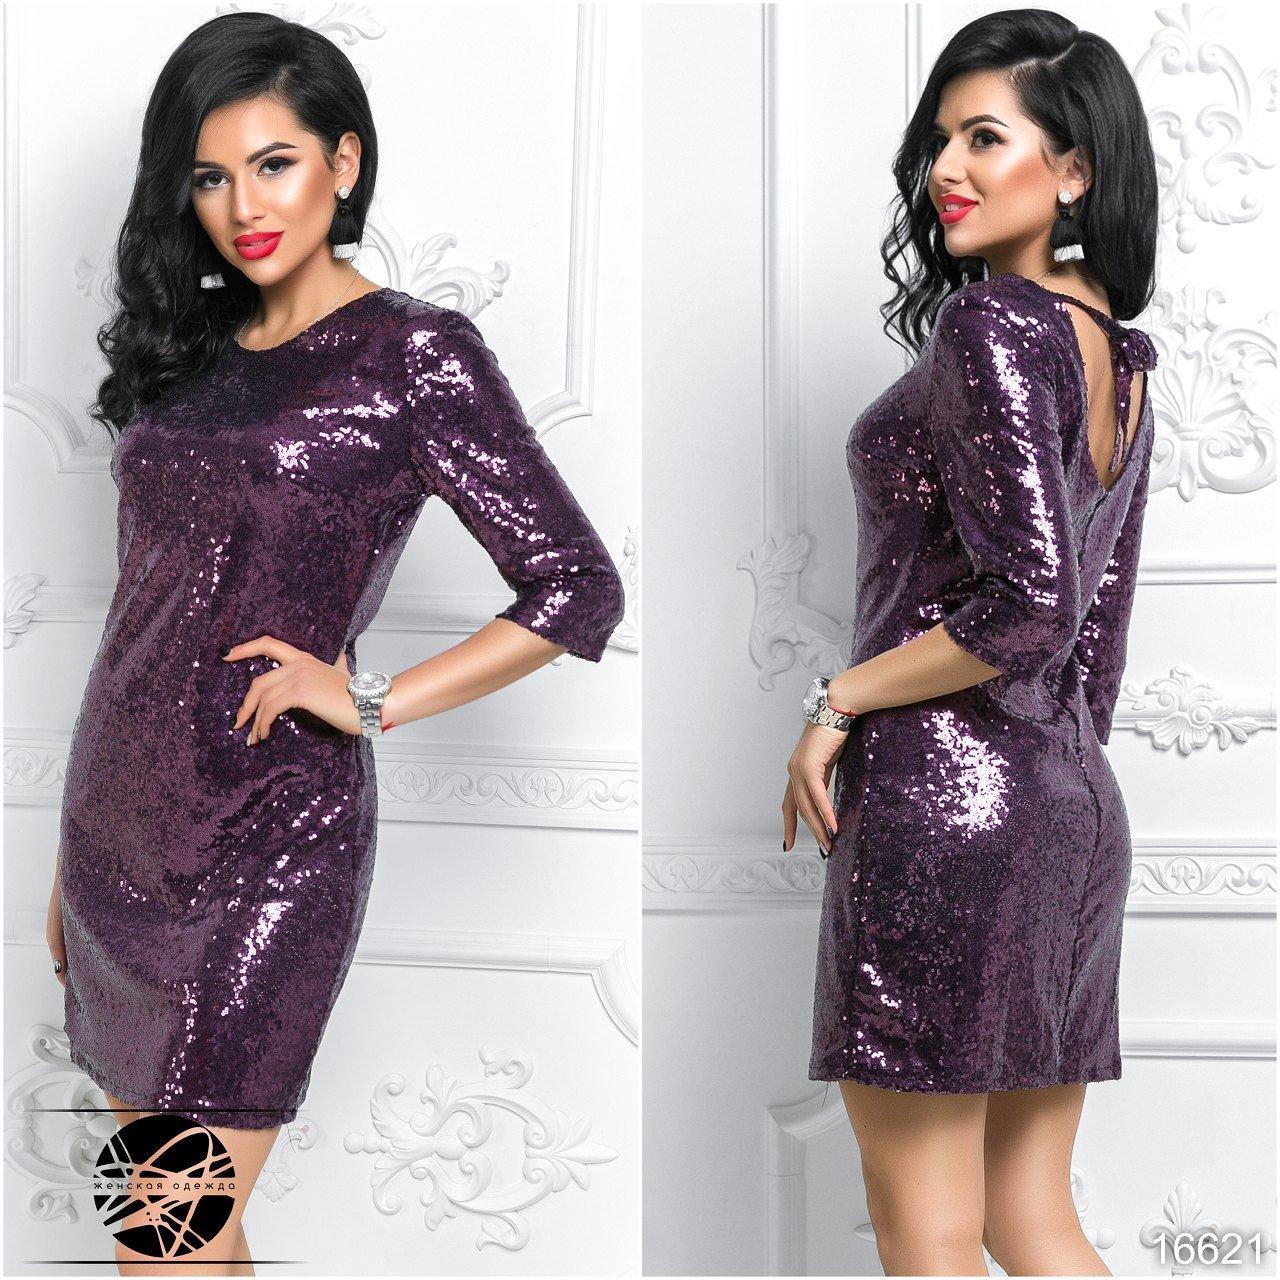 e955de2c077 Вечернее платье с пайетками фиолетового цвета. Модель 16621. Размеры 42